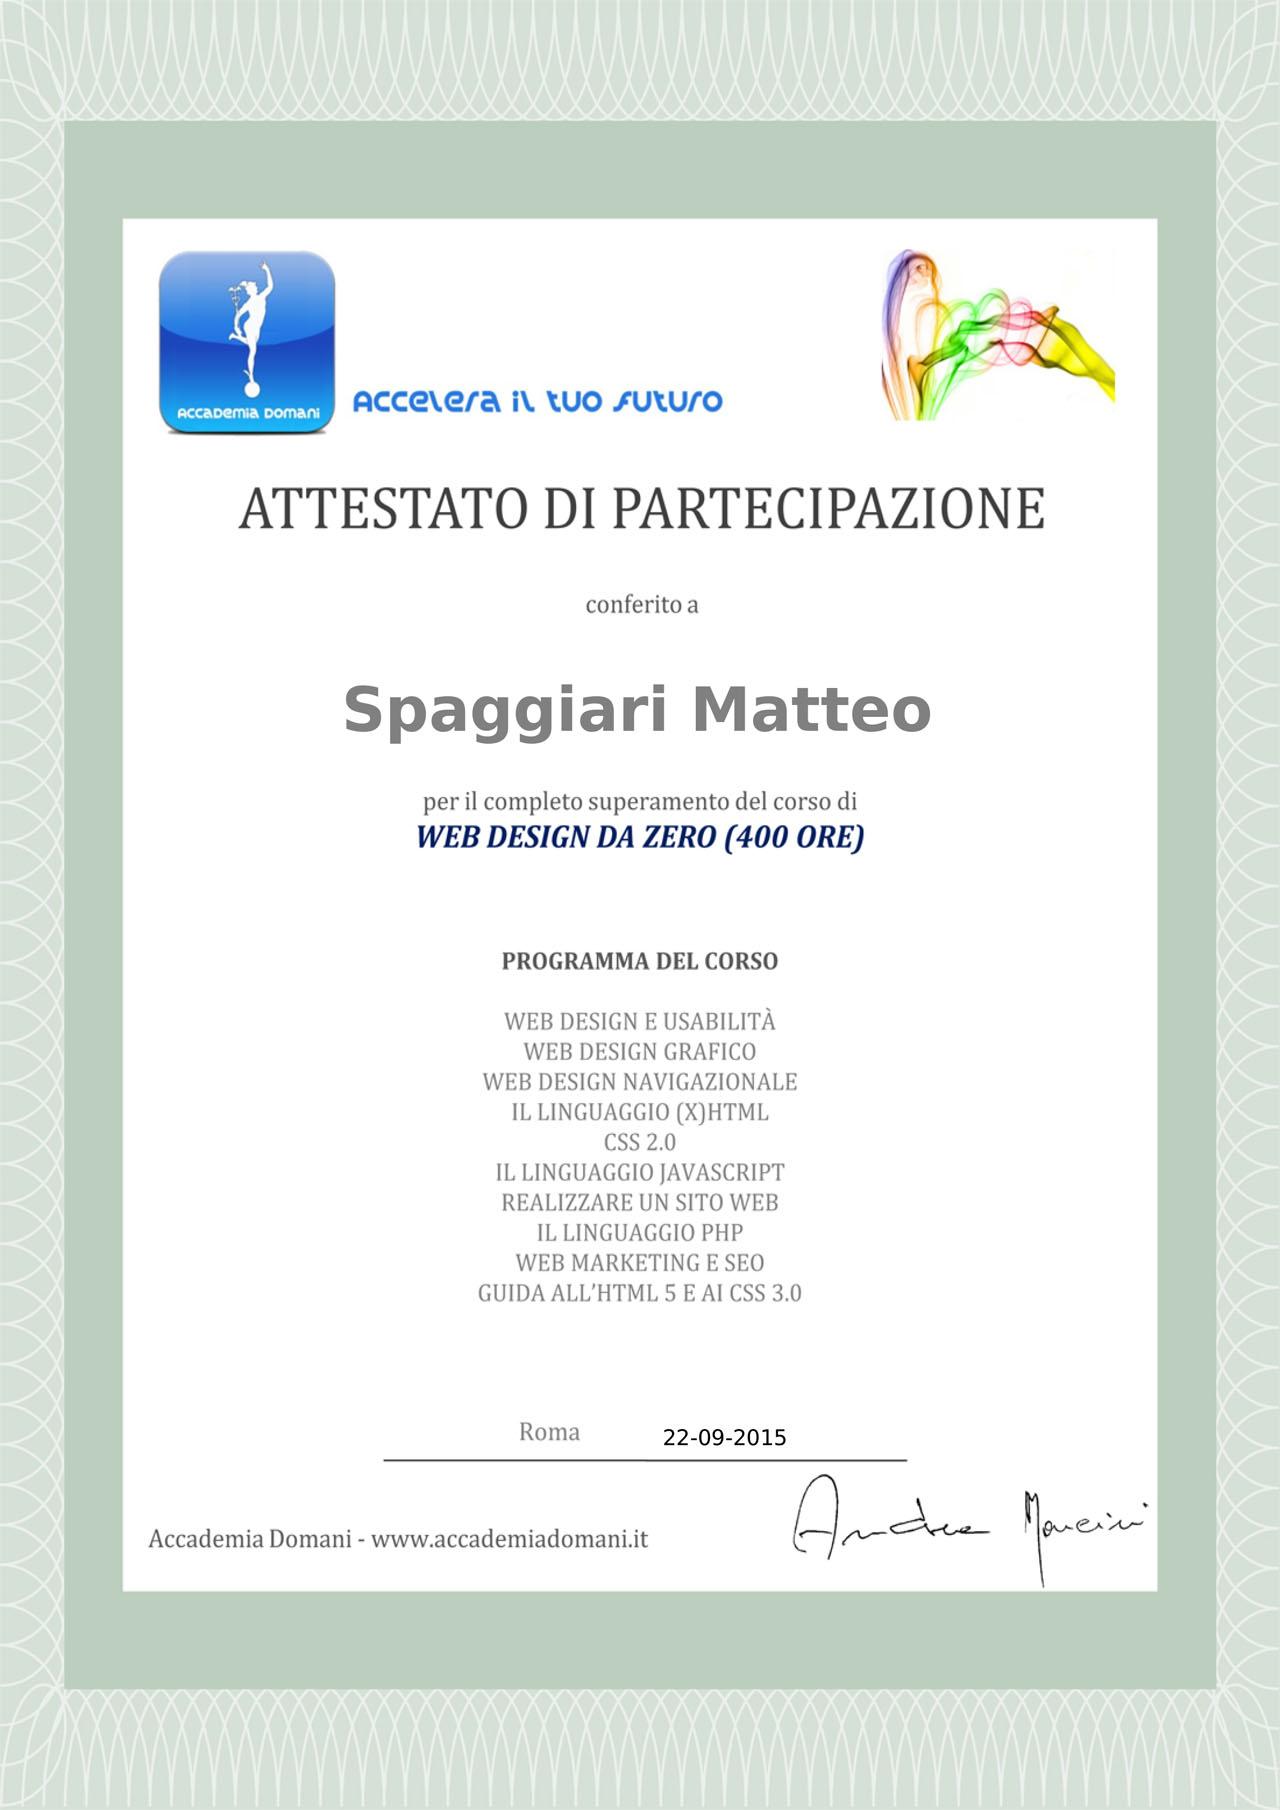 attestato-web-mastering-e-design